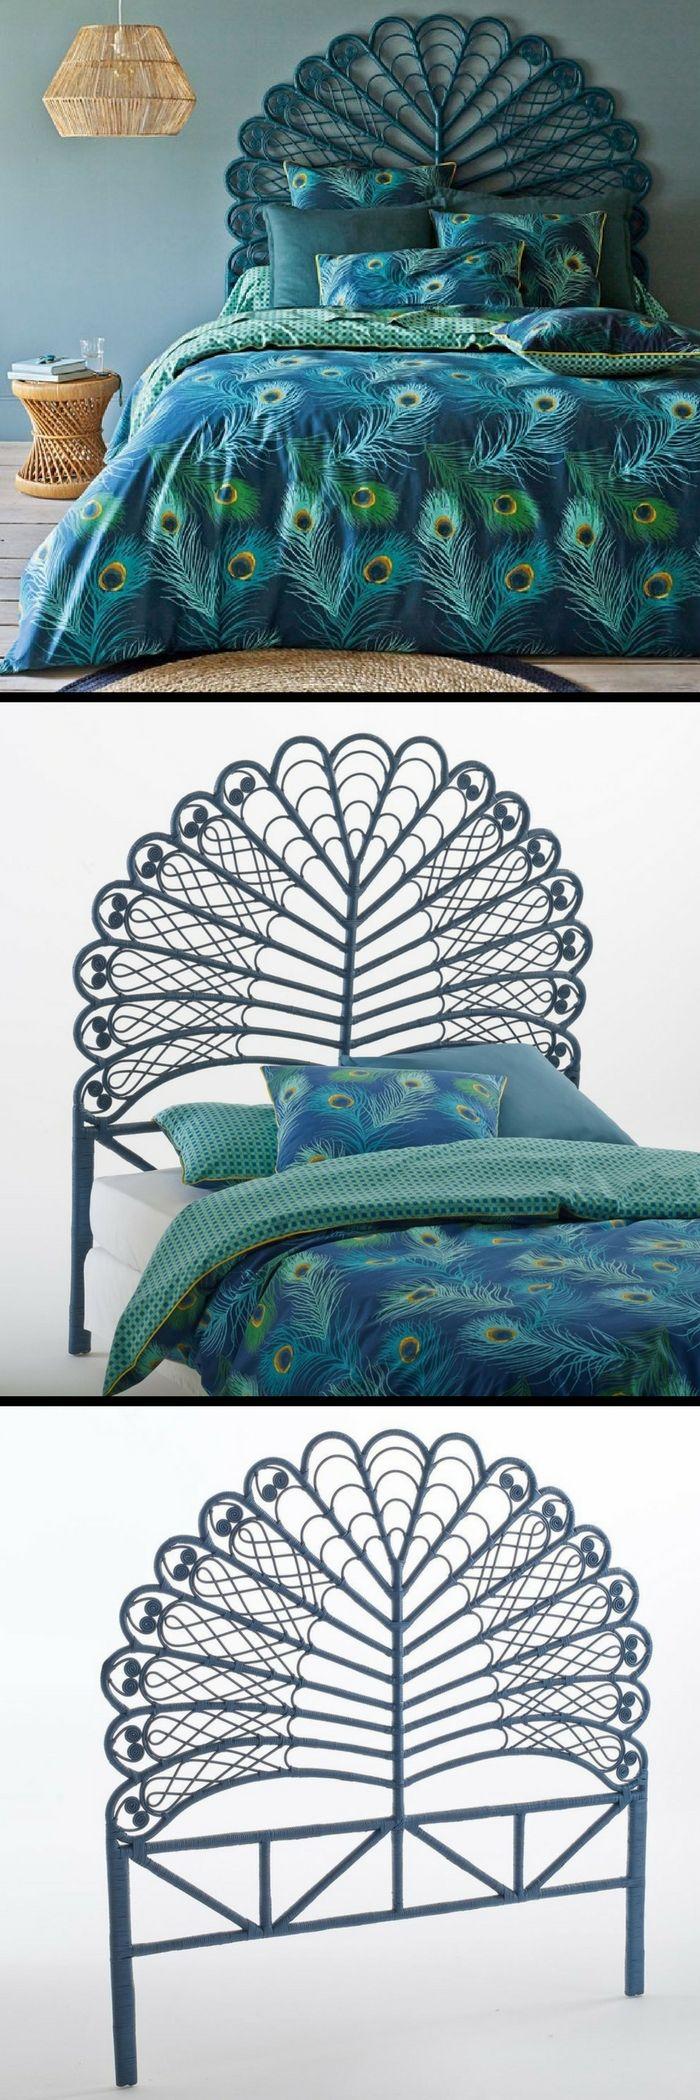 25 best ideas about acheter lit on pinterest lits faits maison lit appoin - Acheter une tete de lit ...